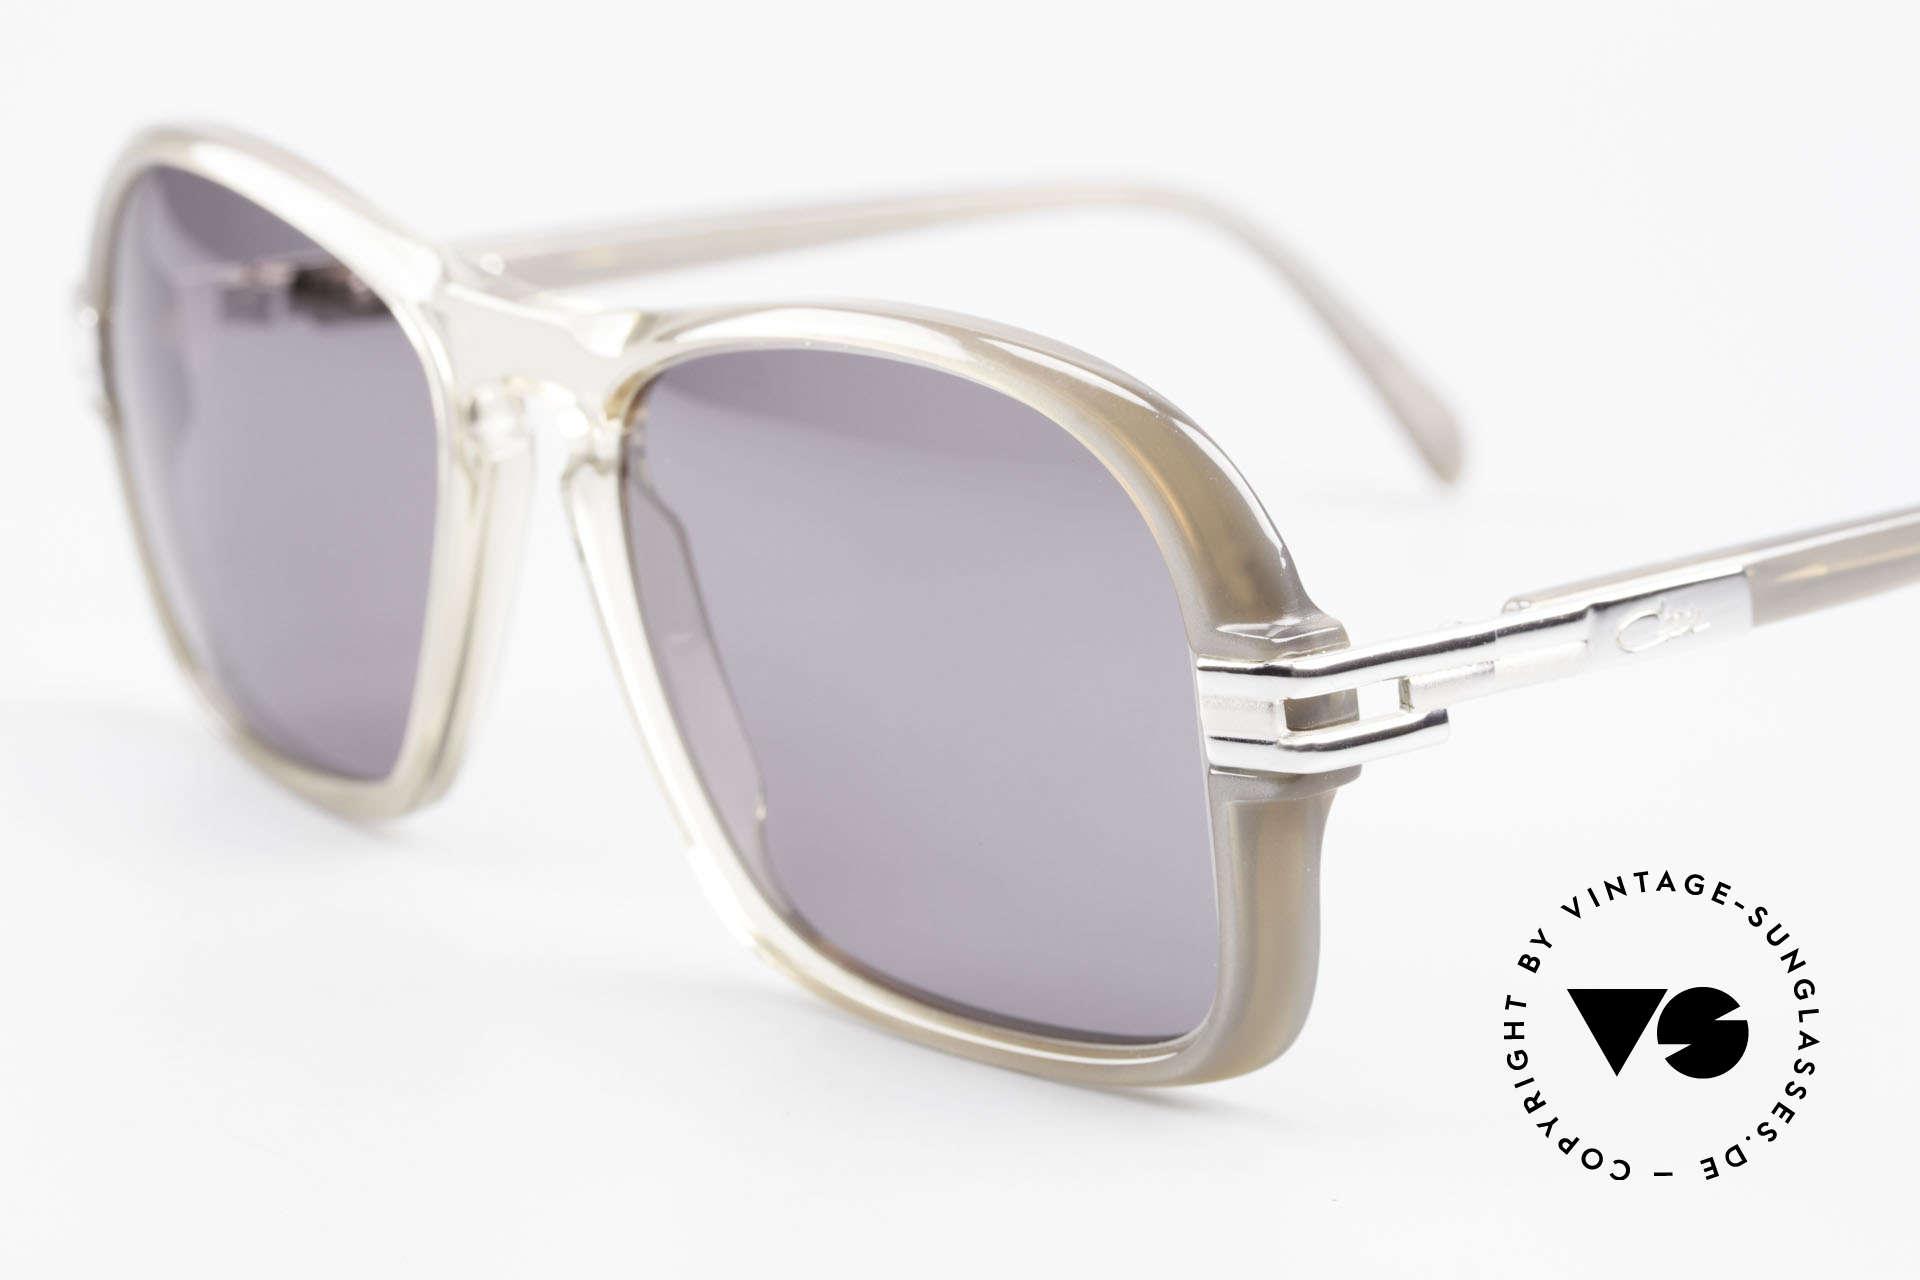 Cazal 606 70er Brille Erste Cazal Serie, im Prinzip ein Stück Zeitgeschichte / Modegeschichte, Passend für Herren